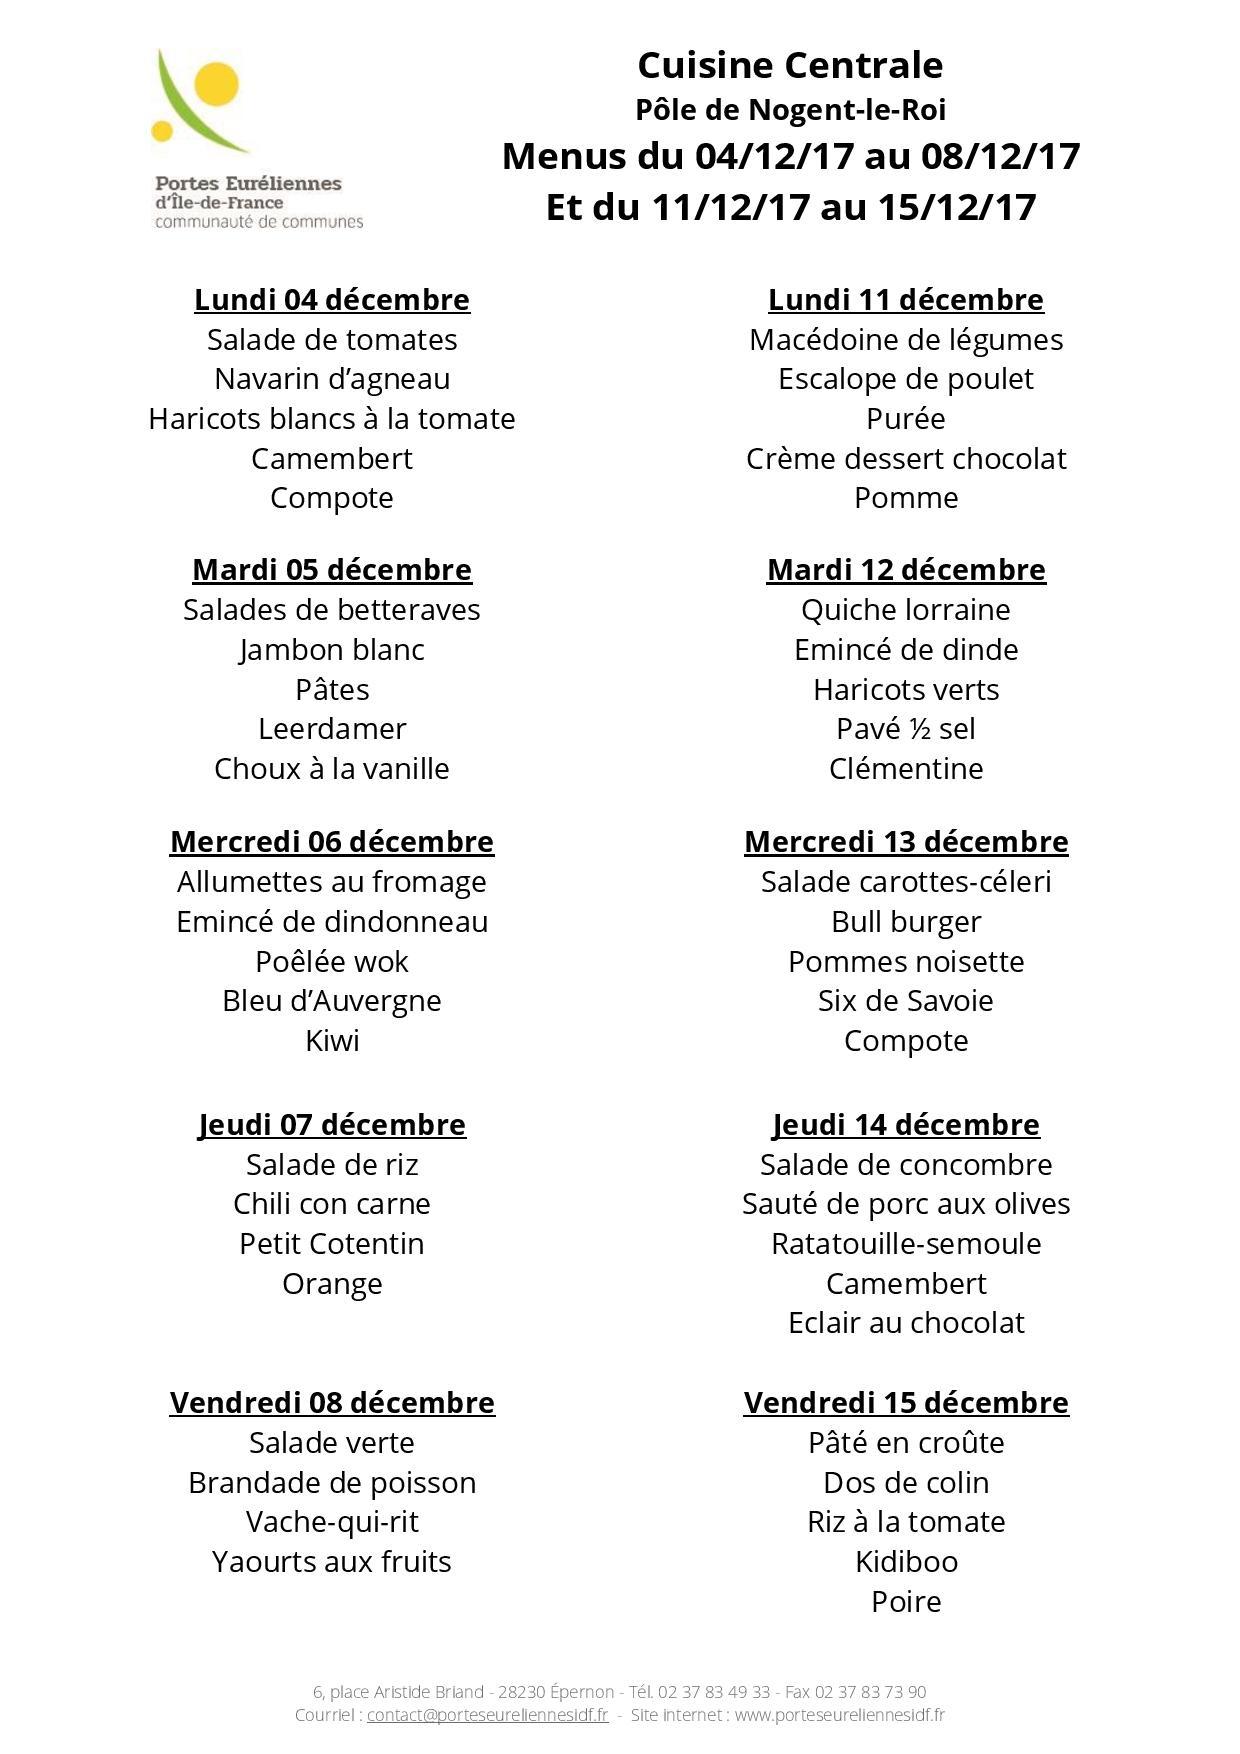 menu-du-4-decembre-au-15-decembre-2017